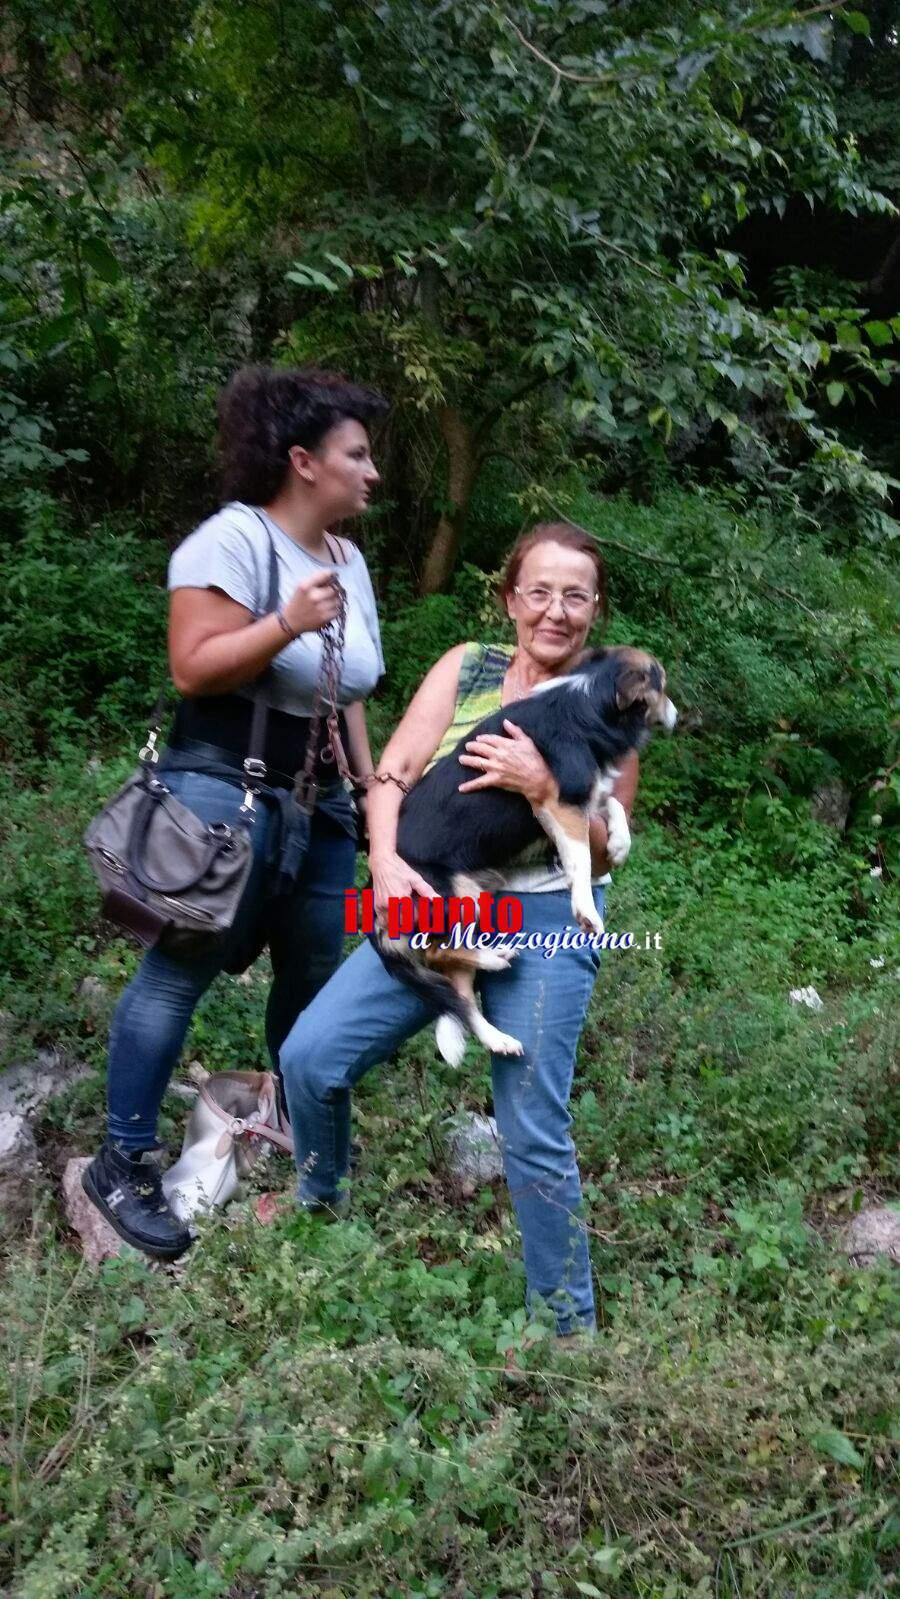 Abbandonano cane legato ad una pianta in campagna a Sant'Elia